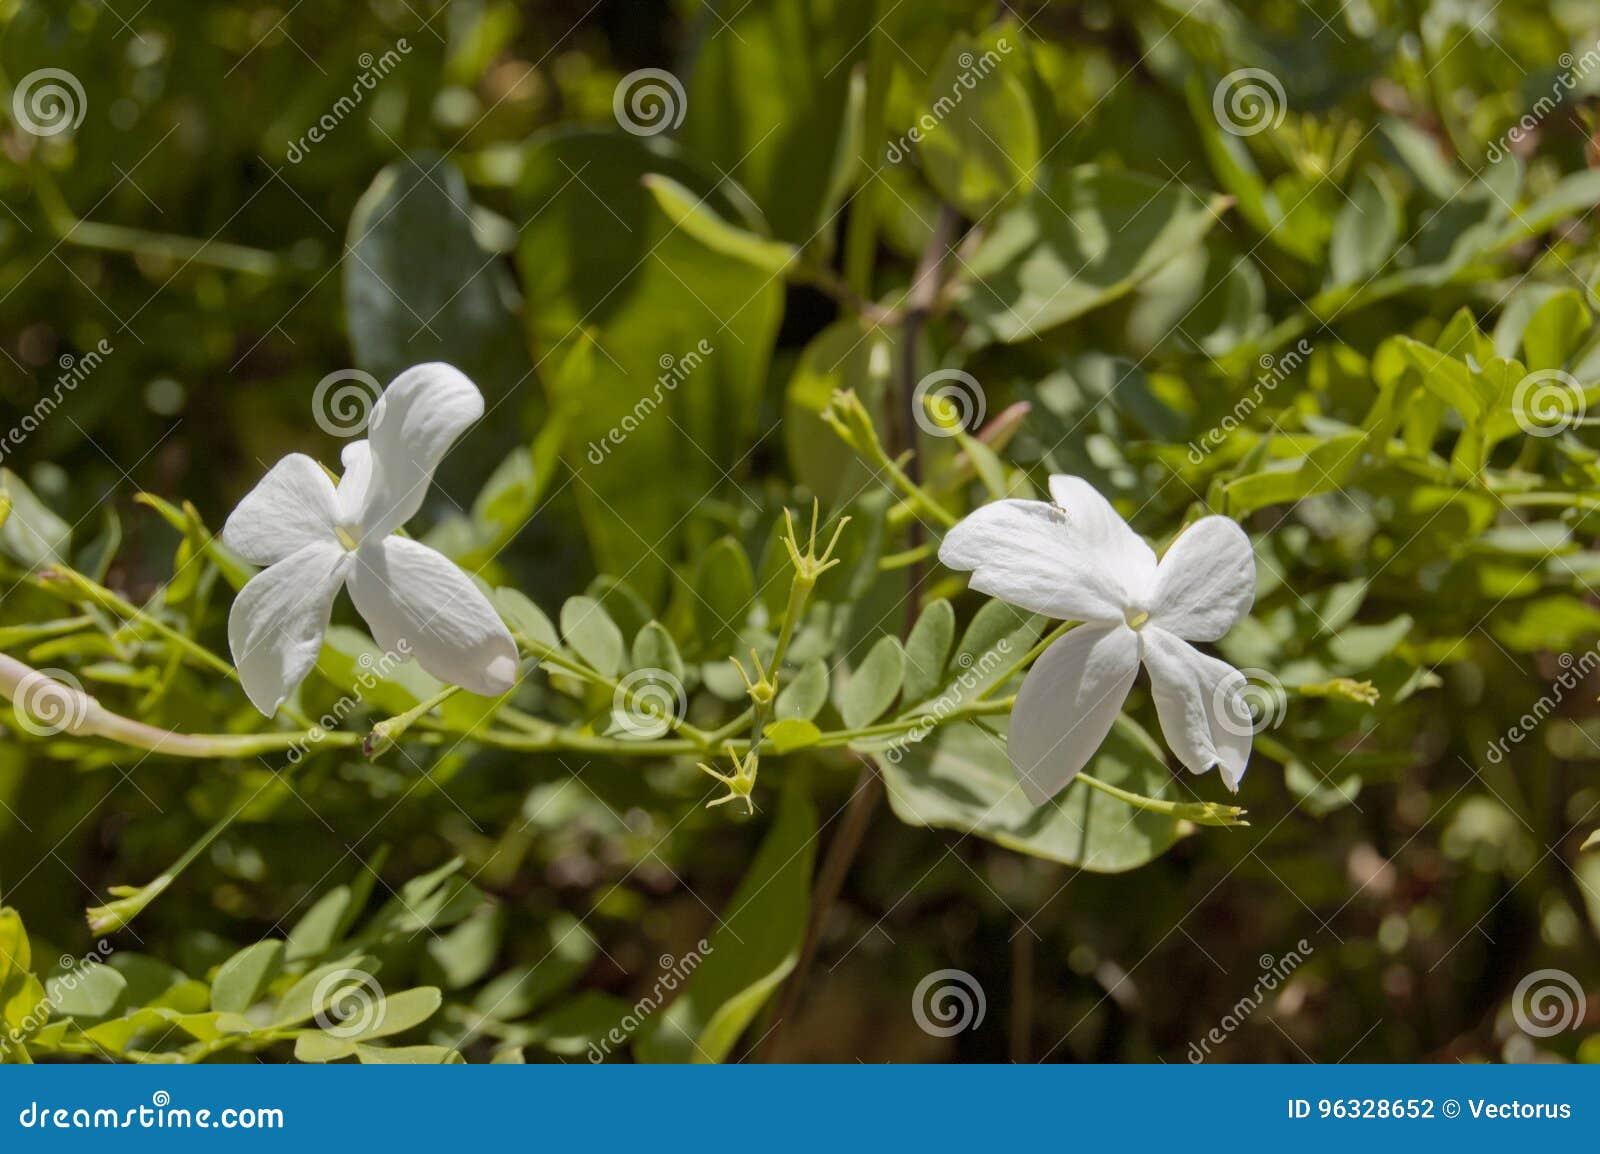 Double Jasmine Flower Photo Stock Photo Image Of Botanical Leaf